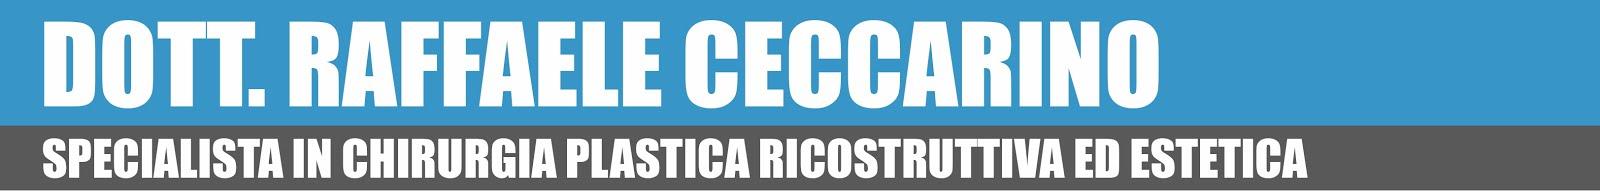 Dott. Raffaele Ceccarino - Chirurgo Plastico Milano - Napoli - Olbia